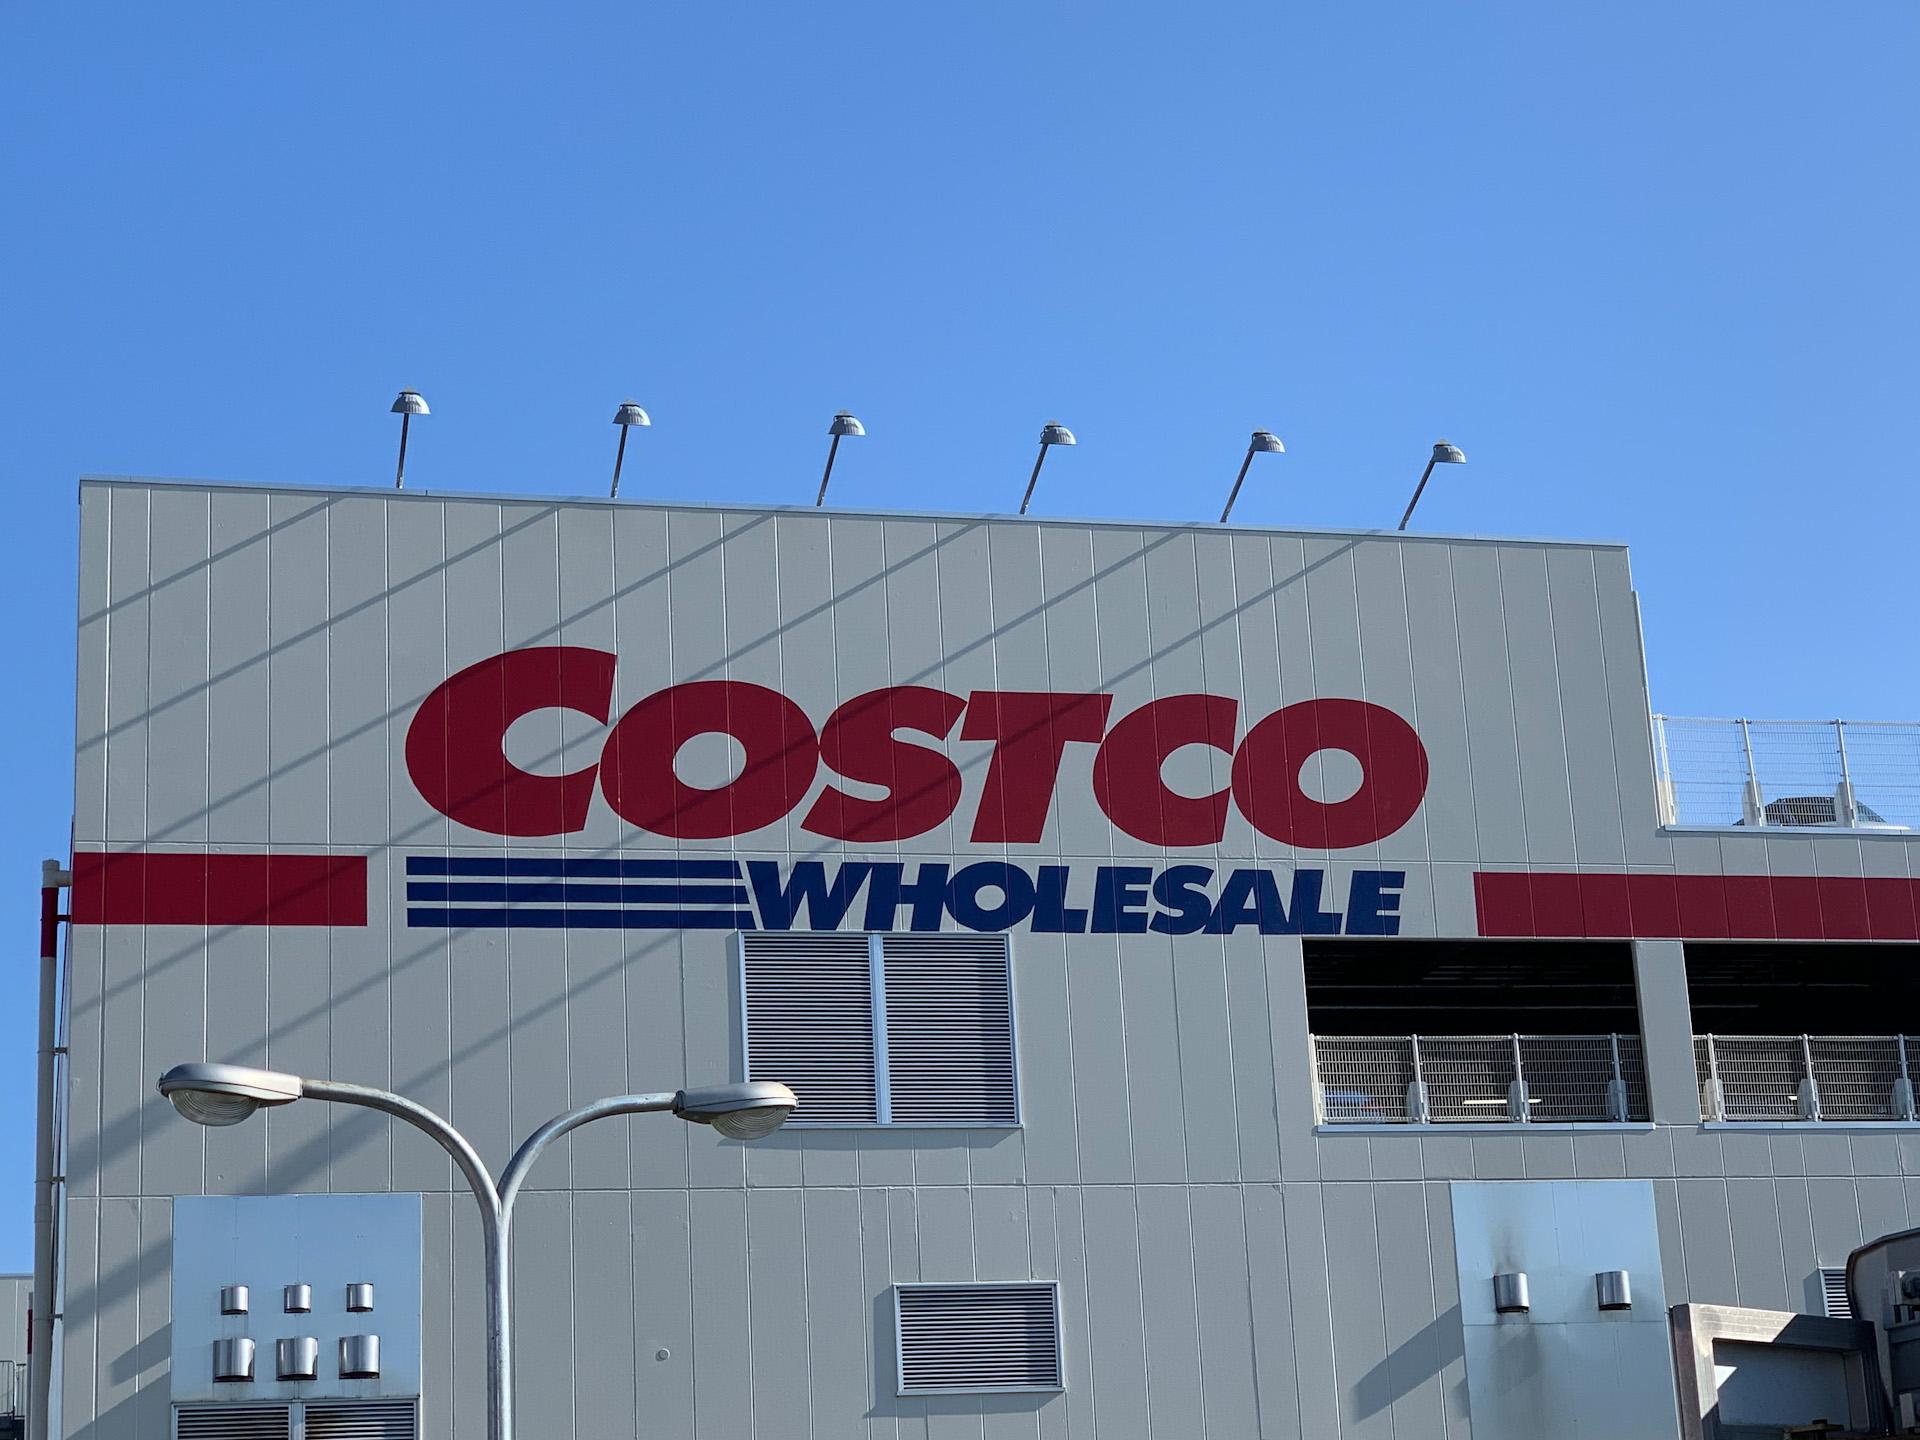 コストコで買える「オイコス」が美味しいと評判!人気のヨーグルトの味とは